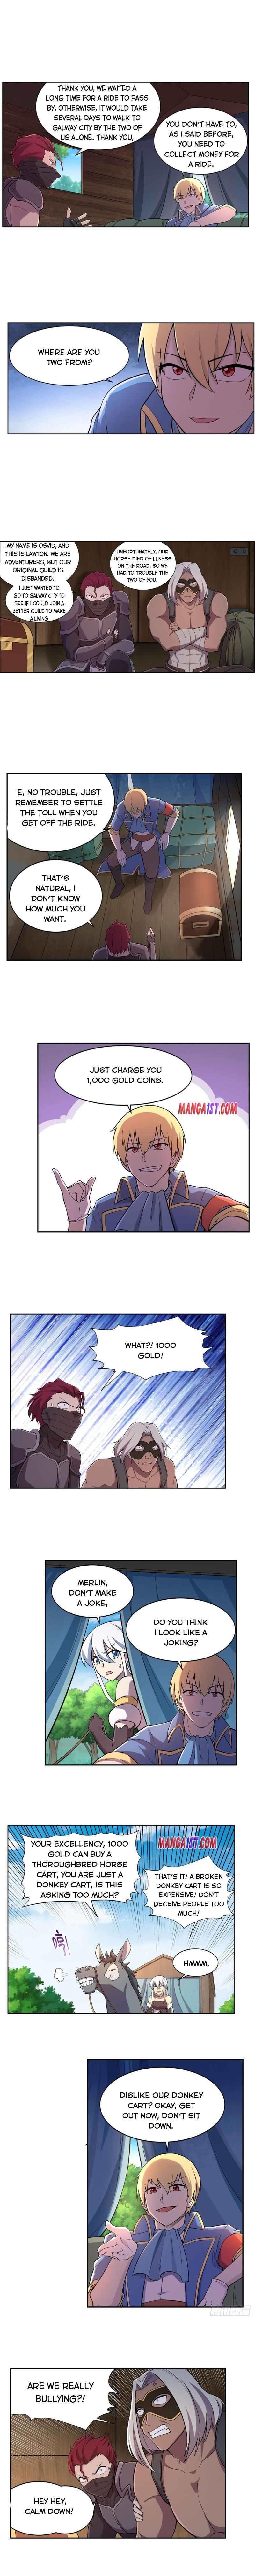 The Demon King Who Lost His Job Chapter 194 page 5 - Mangakakalots.com